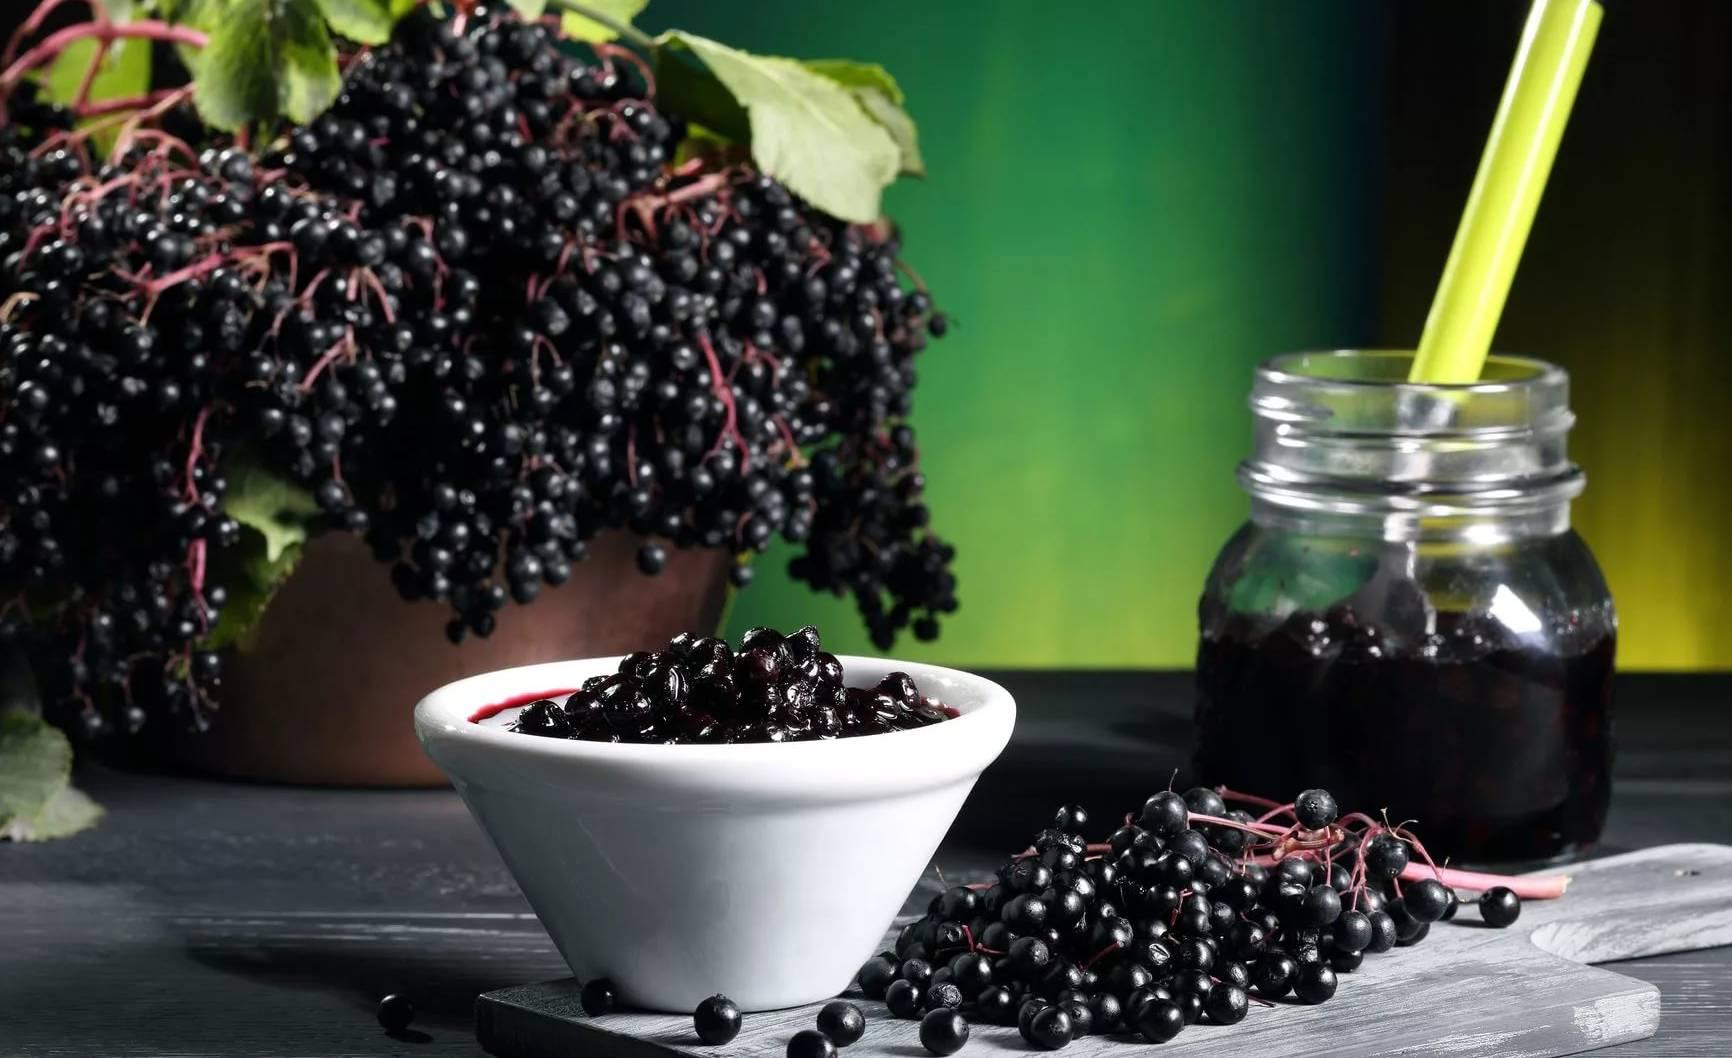 Настой черемухи: лечебные свойства, рецепты на ягодах, цветках, листьях, коре